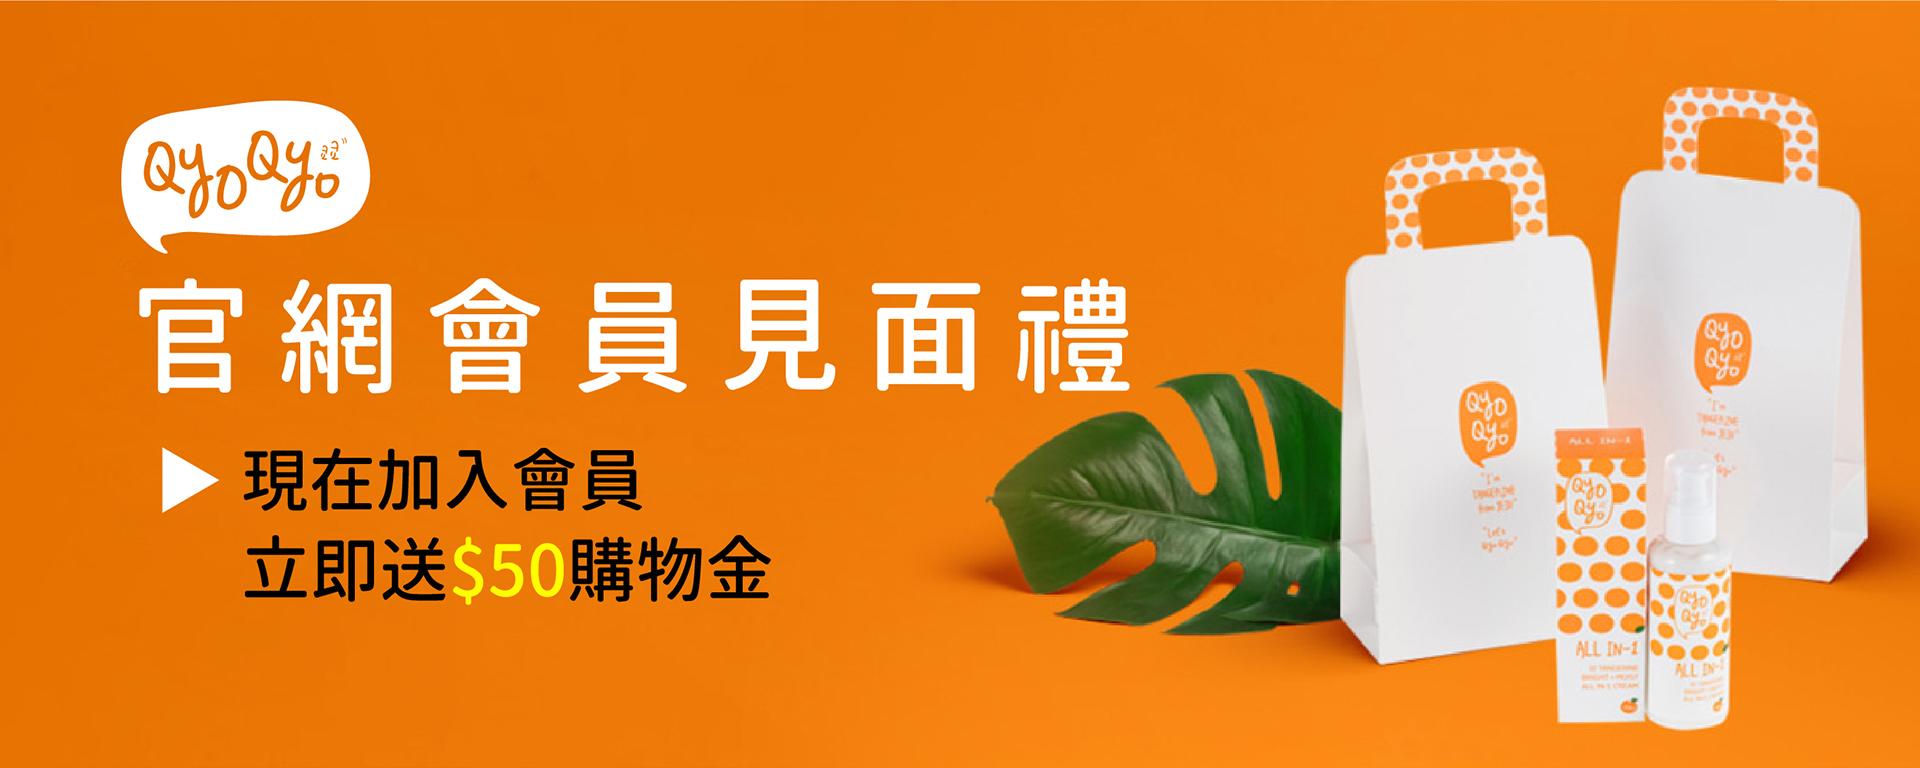 加入會員,QYOQYO,韓國美妝,韓國保養,濟州島,柑橘保養